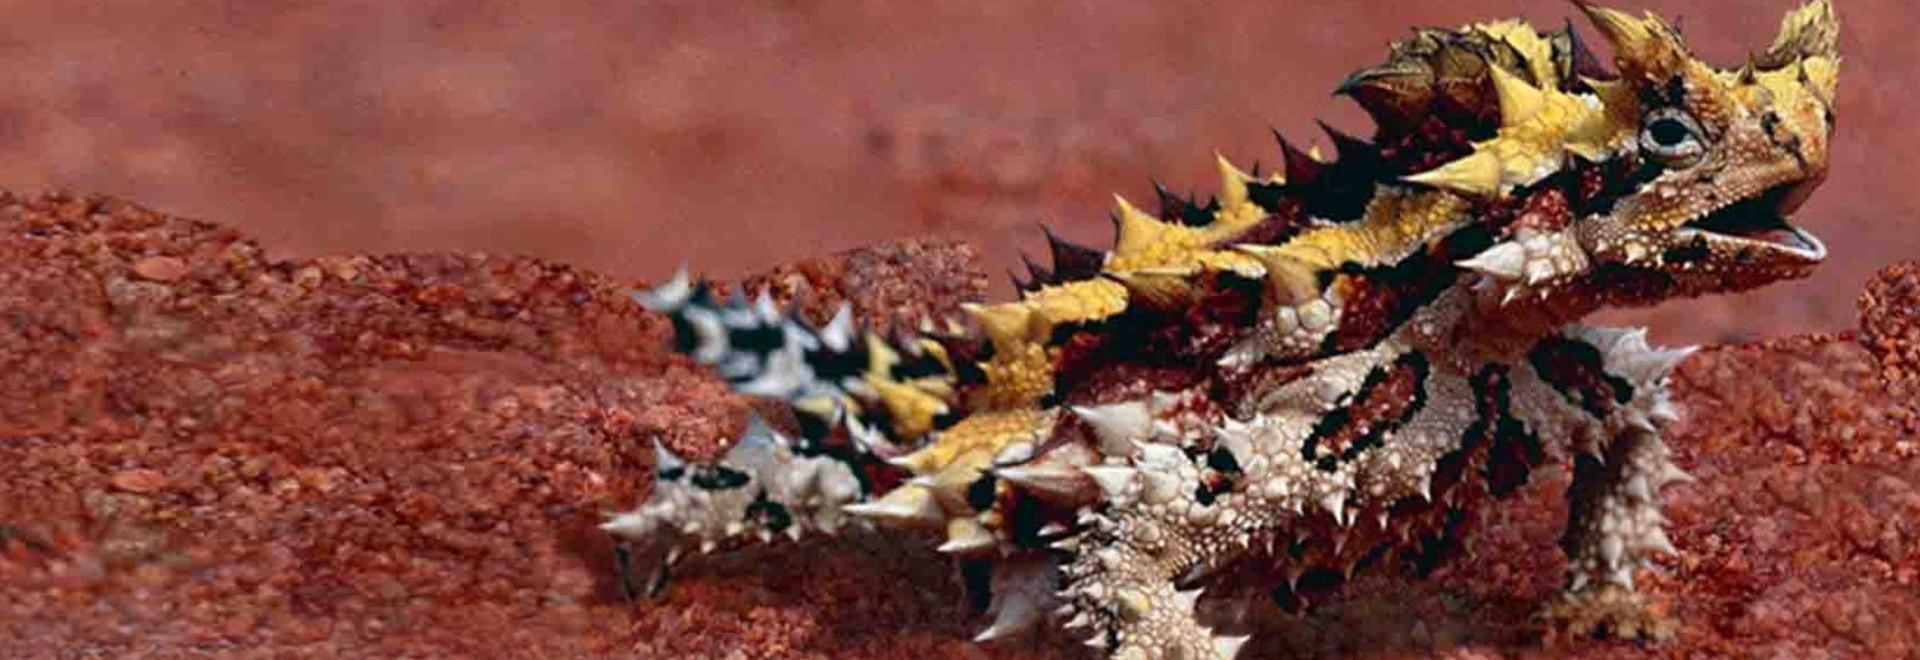 L'iguana codaspinosa